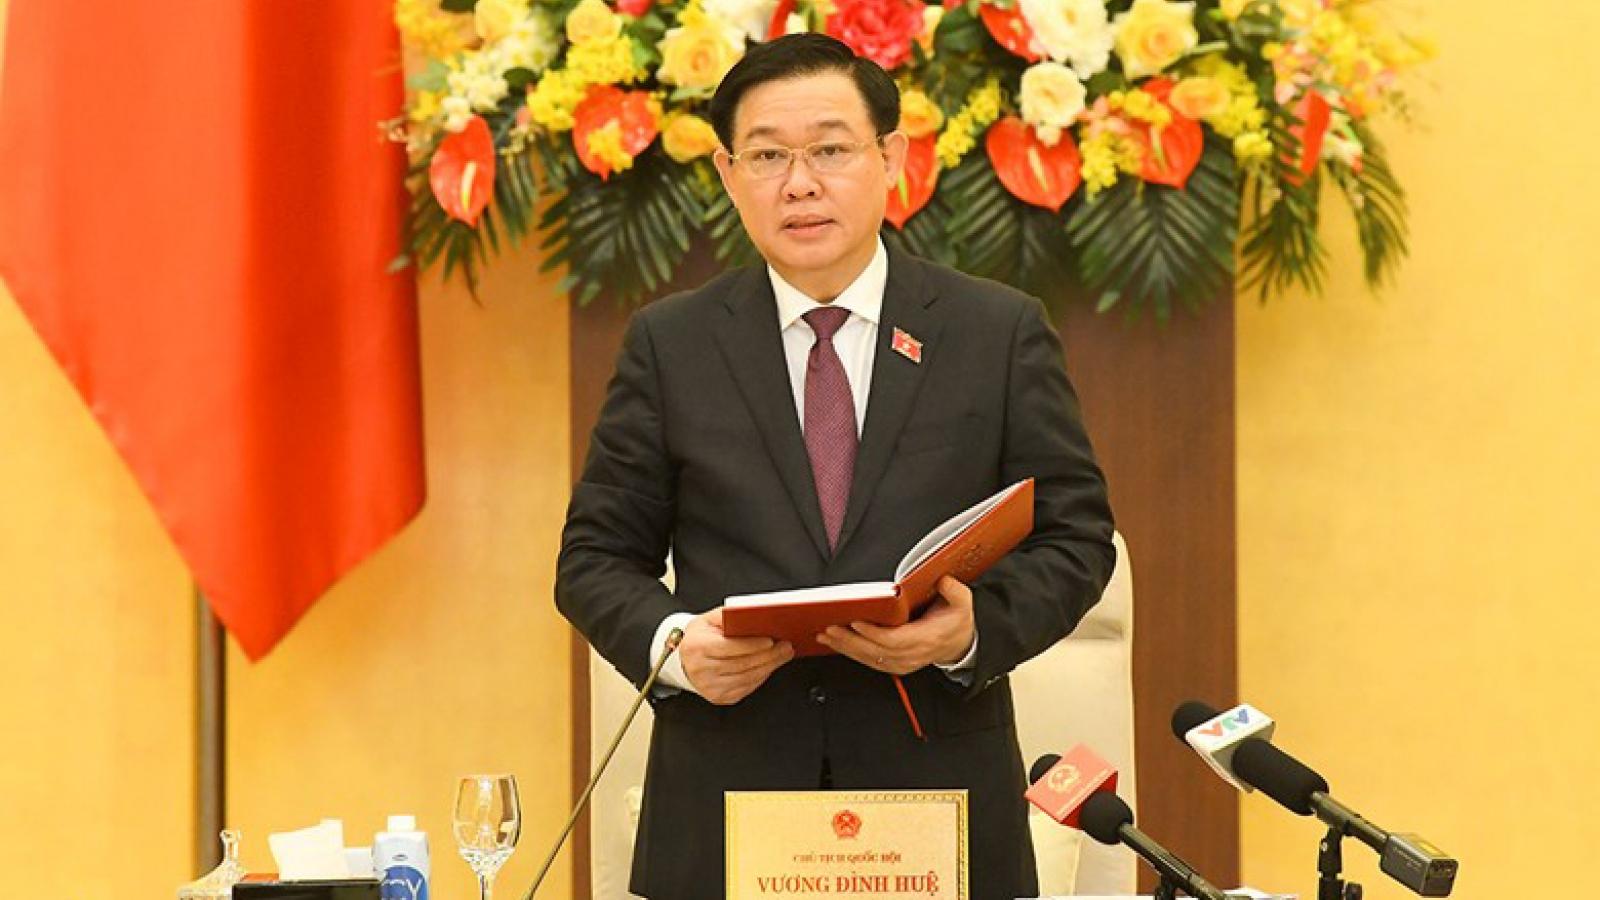 Đề xuất áp dụng một số đổi mới, cải tiến tại Kỳ họp thứ 2 của Quốc hội